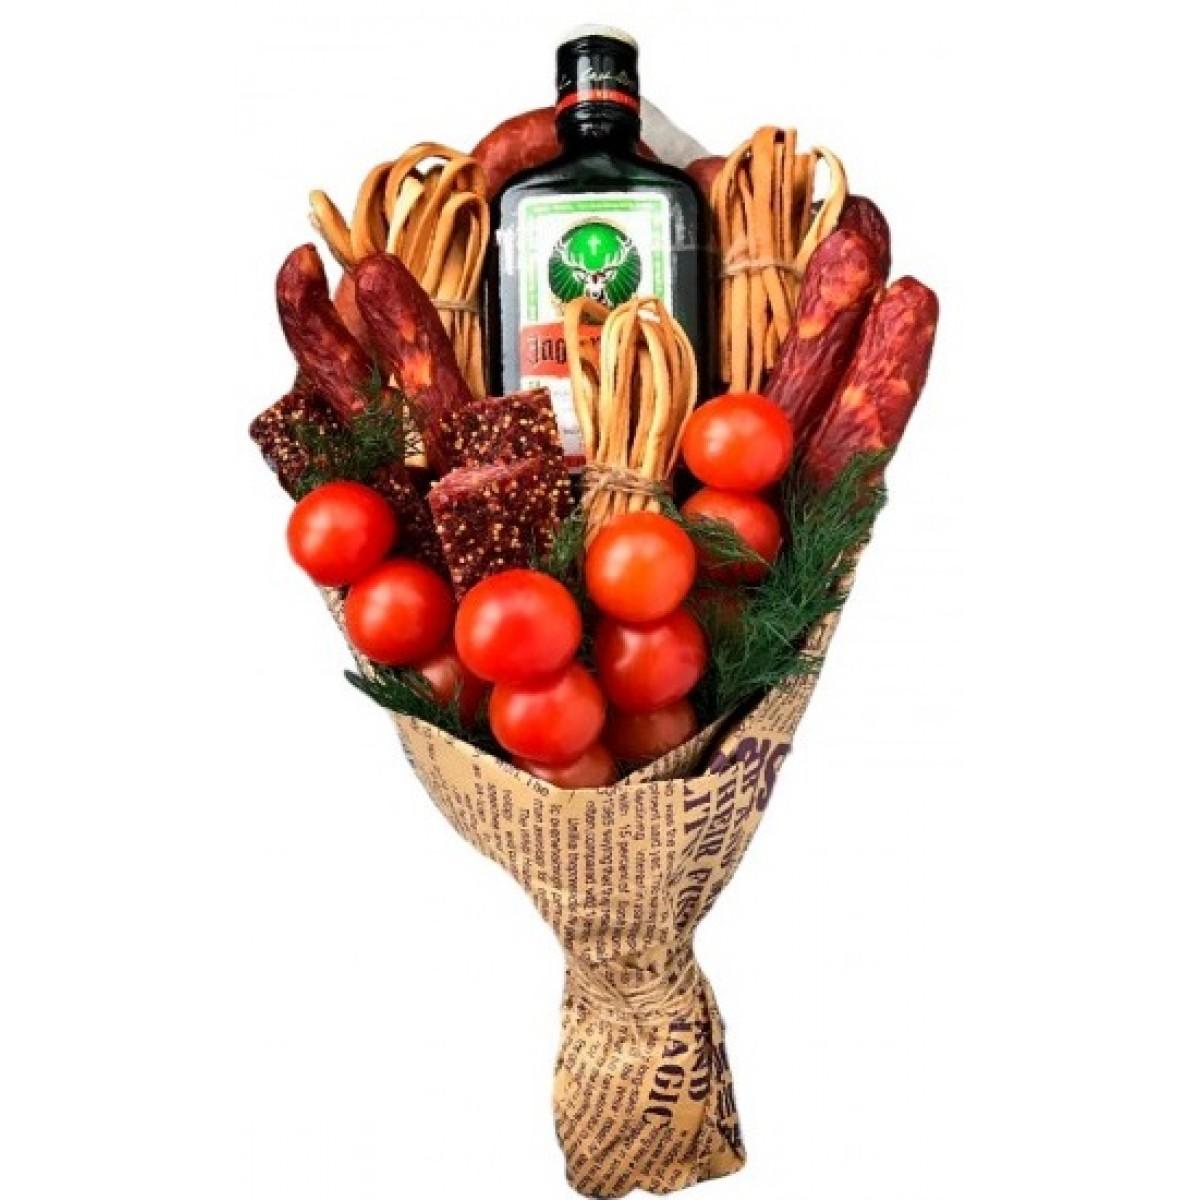 Мъжки Букет Егермайстер с колбаси, претцели и зеленчуци